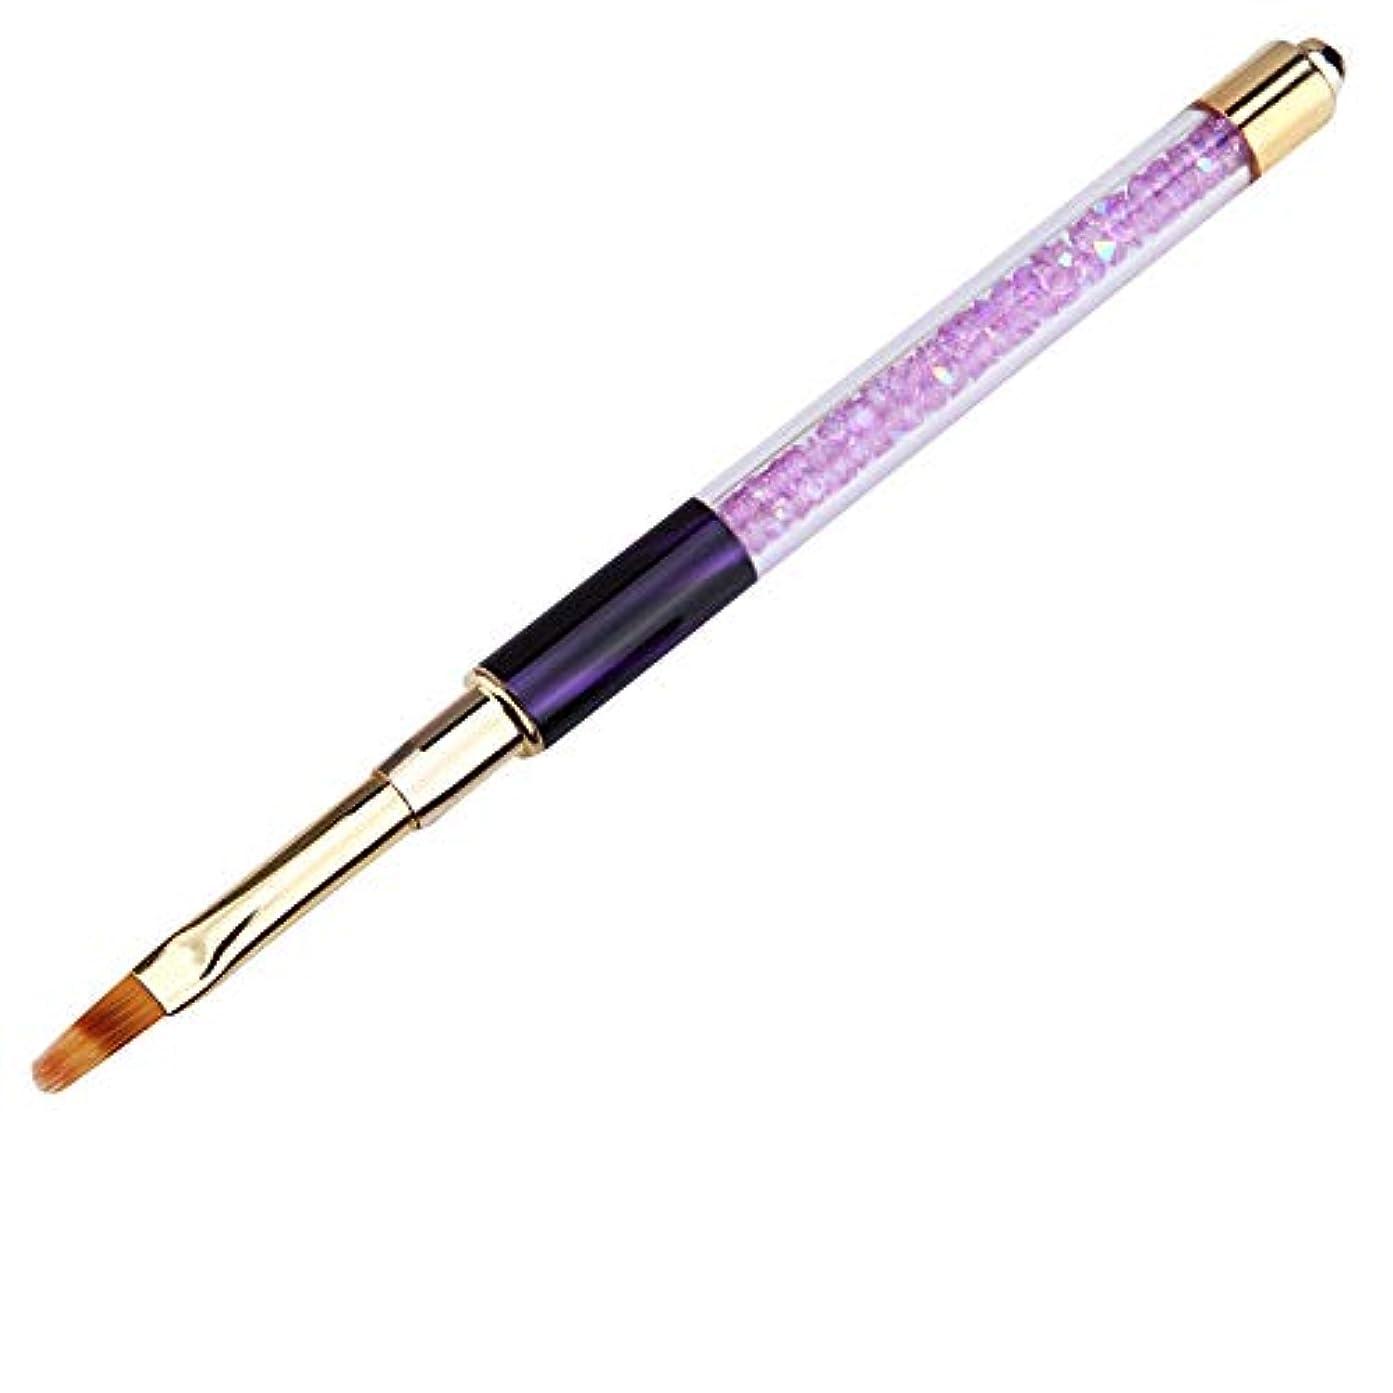 精査する腕じゃがいもTOOGOO ネイルアートブラシのペン、ラインストーン、キャット?アイ、アクリルのハンドル、彫刻と絵画用、ジェル、ネイルの延長、マニキュア、ライナーのペン、02